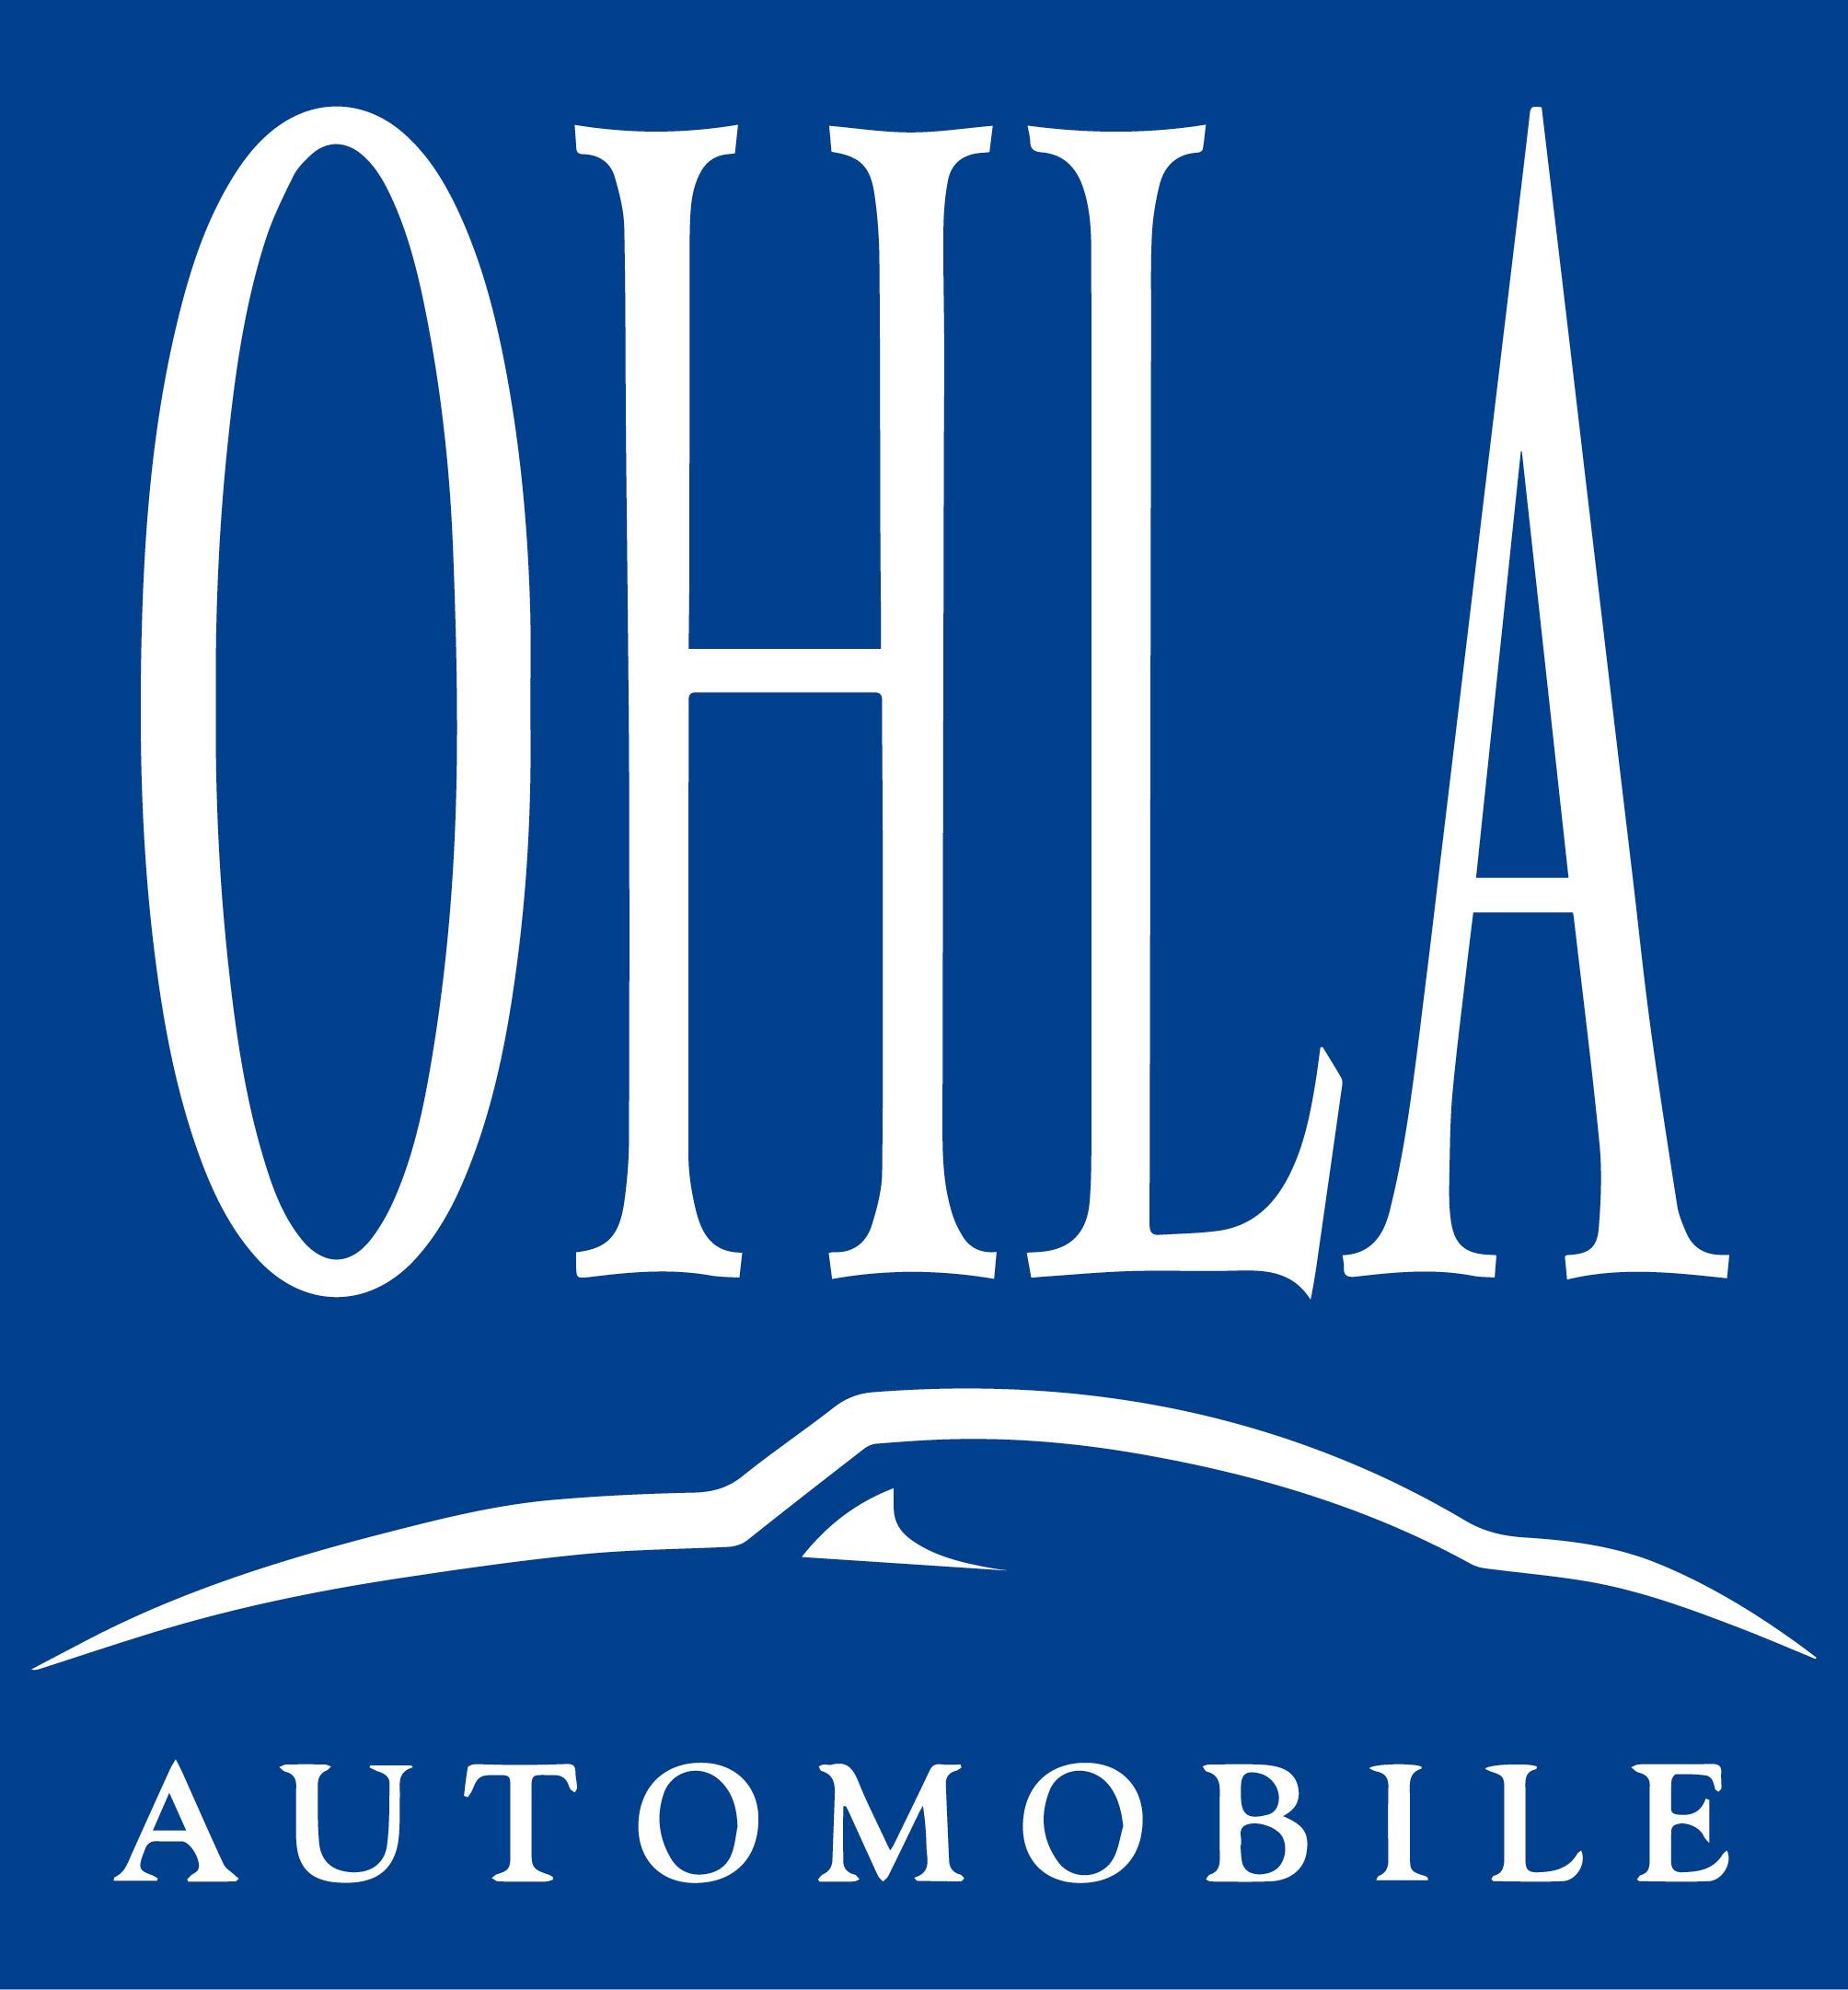 OHLA-AUTOMOBILE GmbH